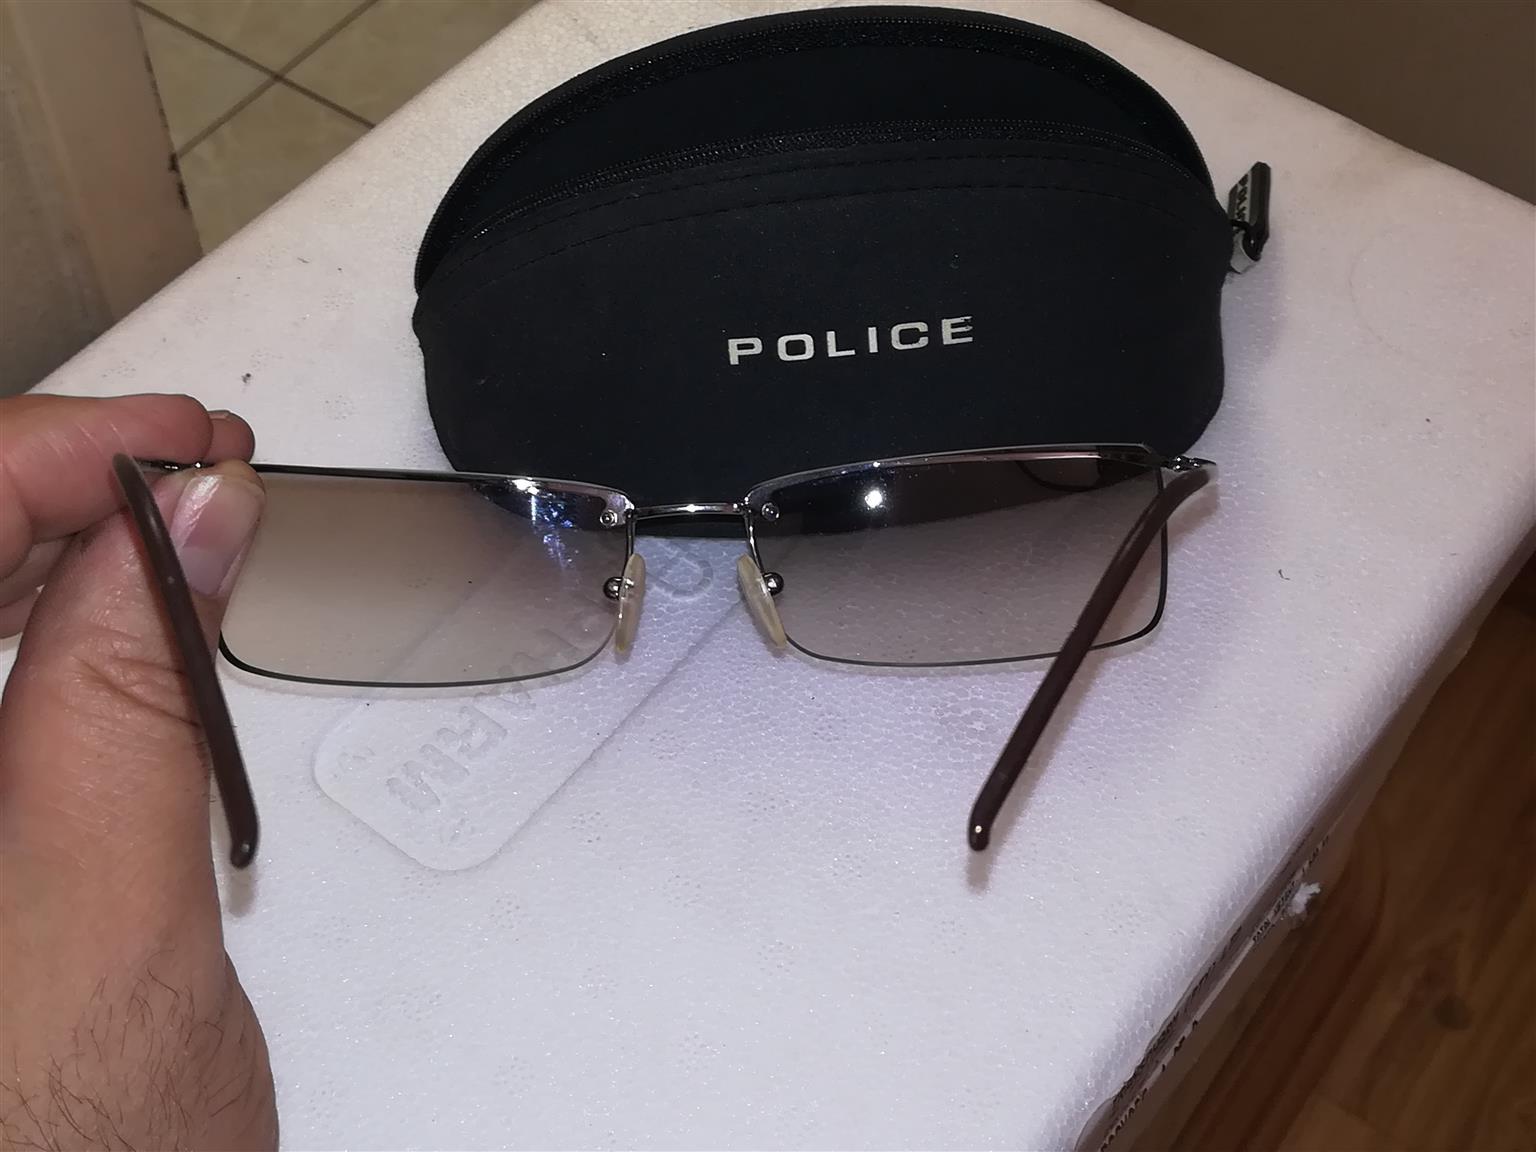 Police Unisex Sunglasses (Frameless)